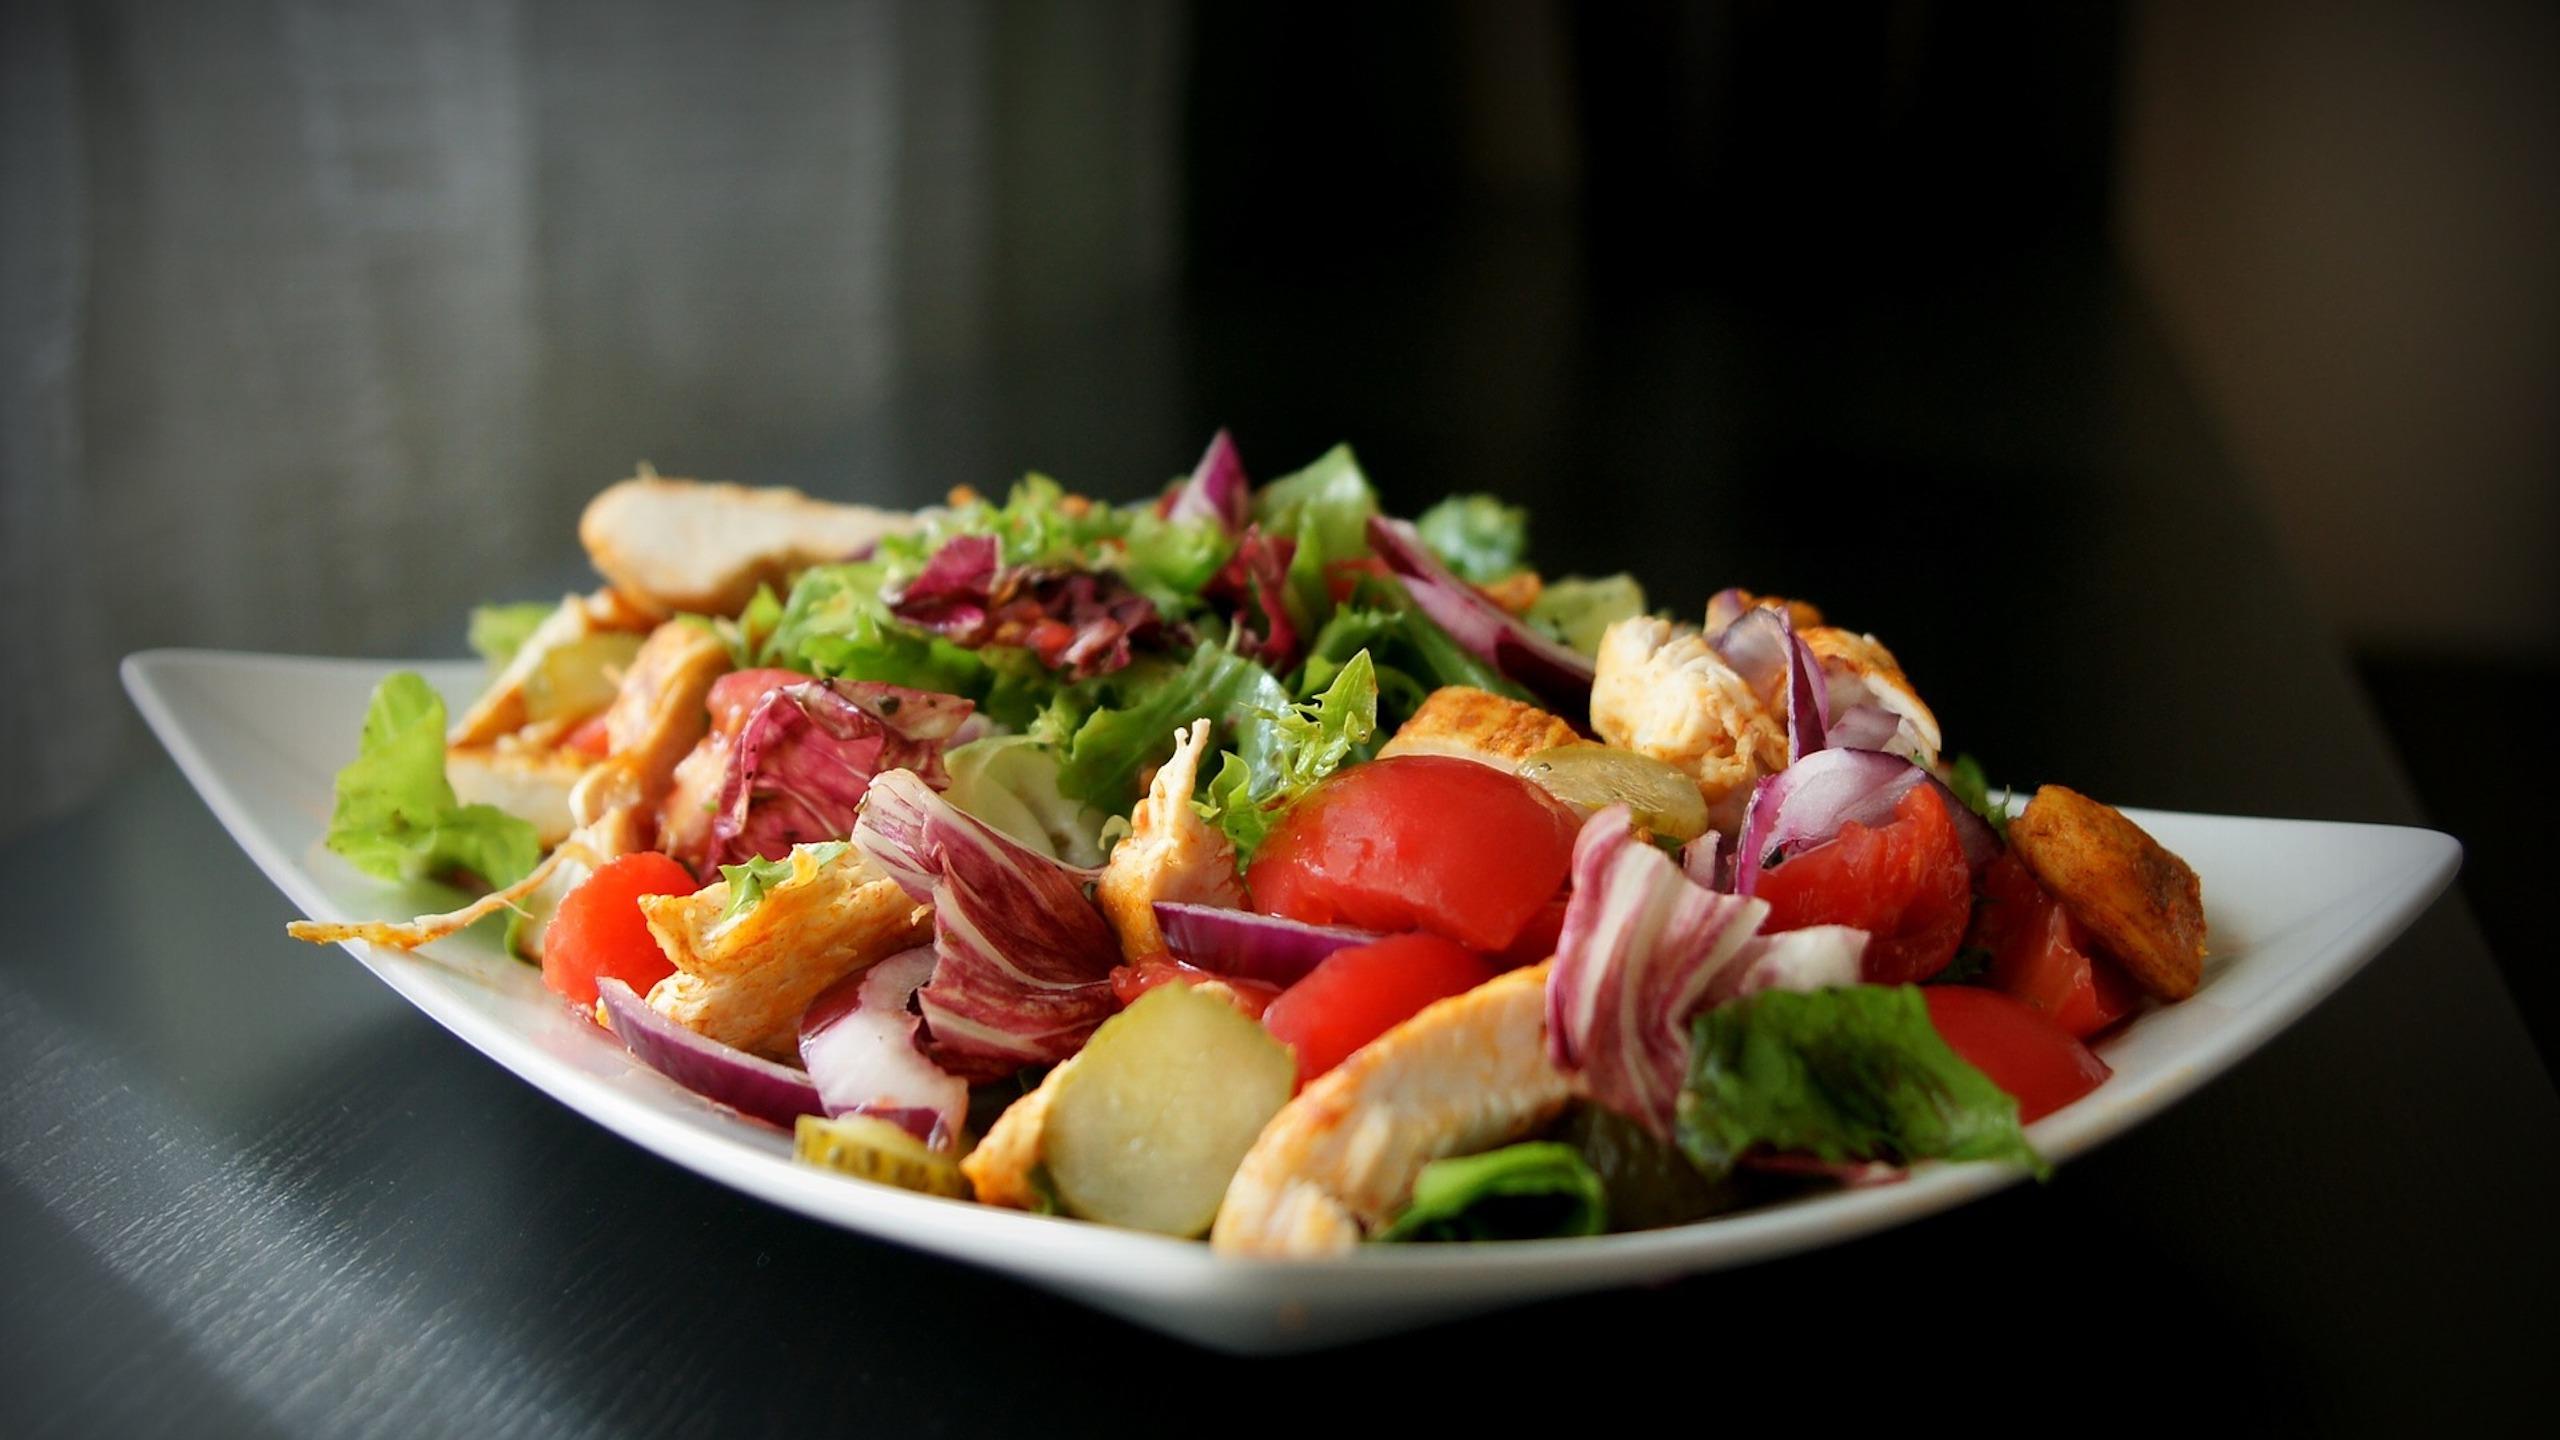 comida saludable comida sana platillos saludables